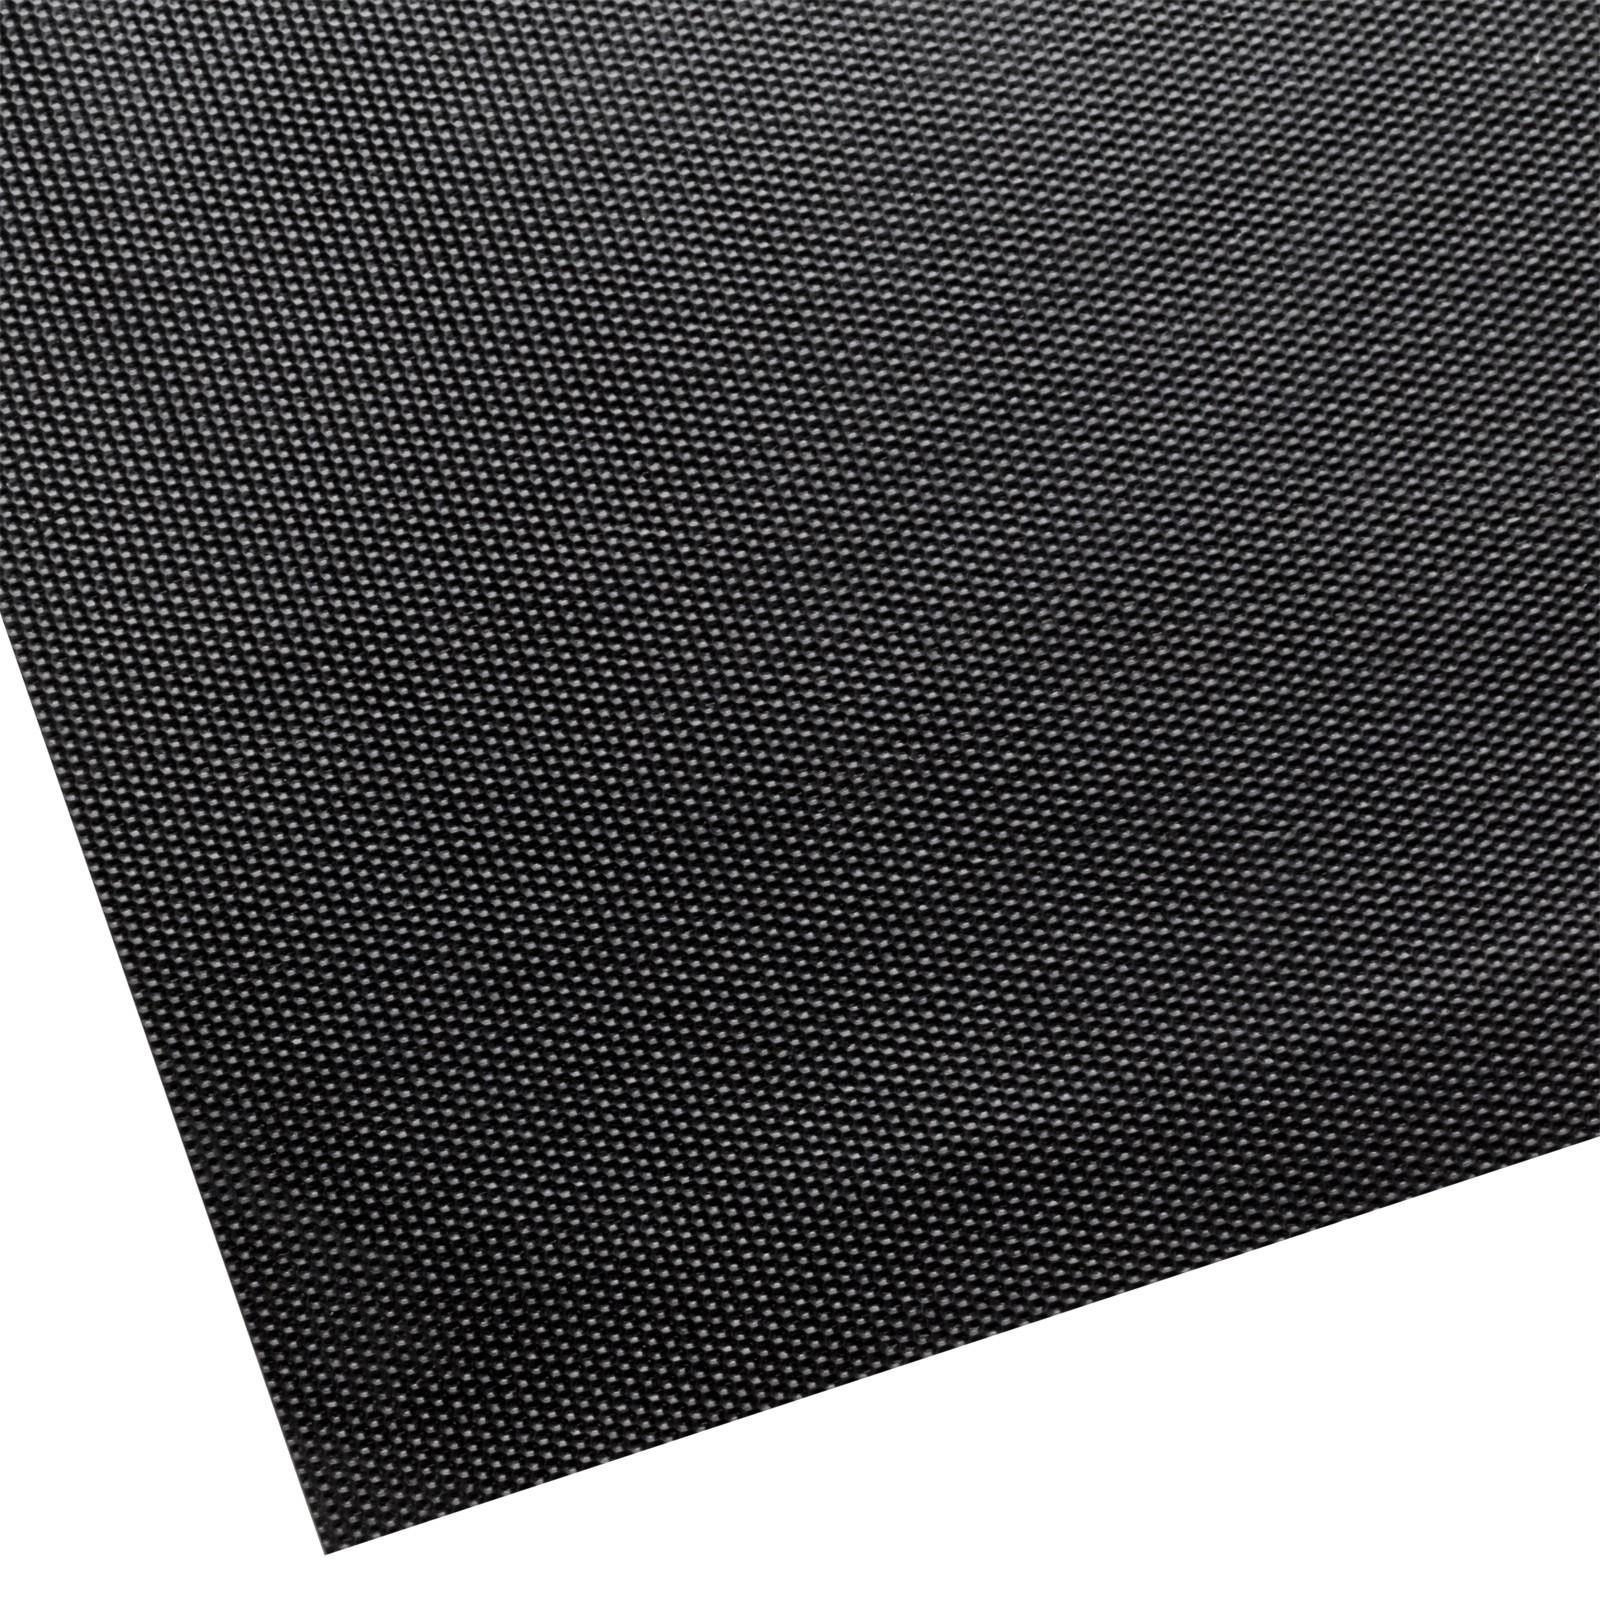 Turbo Schmutzfangmatte / Fußmatte SPEKTRUM 90x150 cm braun YN25